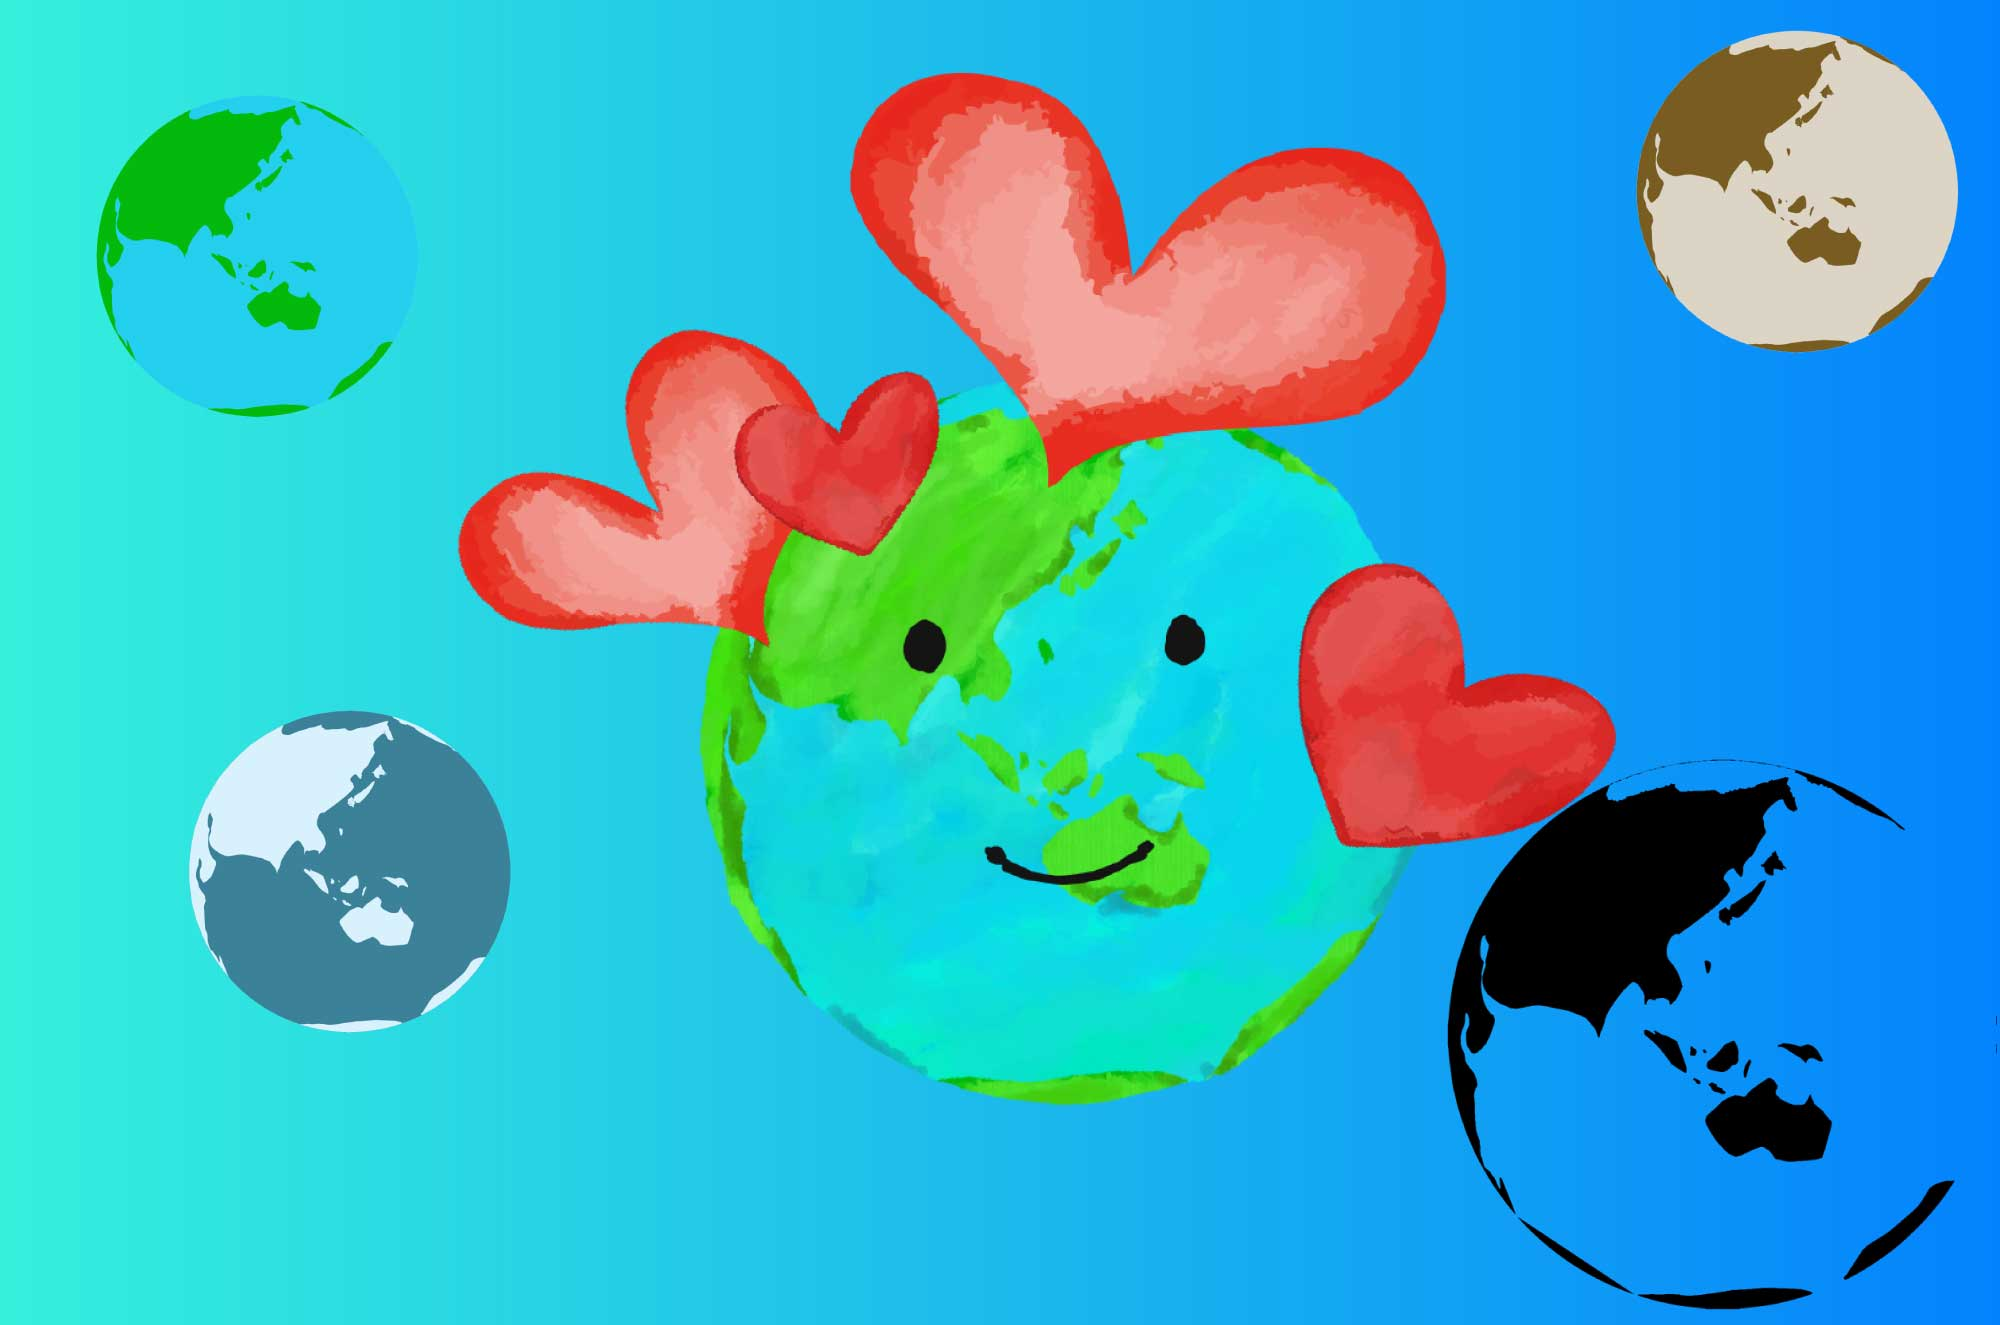 地球のイラスト - 可愛いエコロジーイメージ無料素材